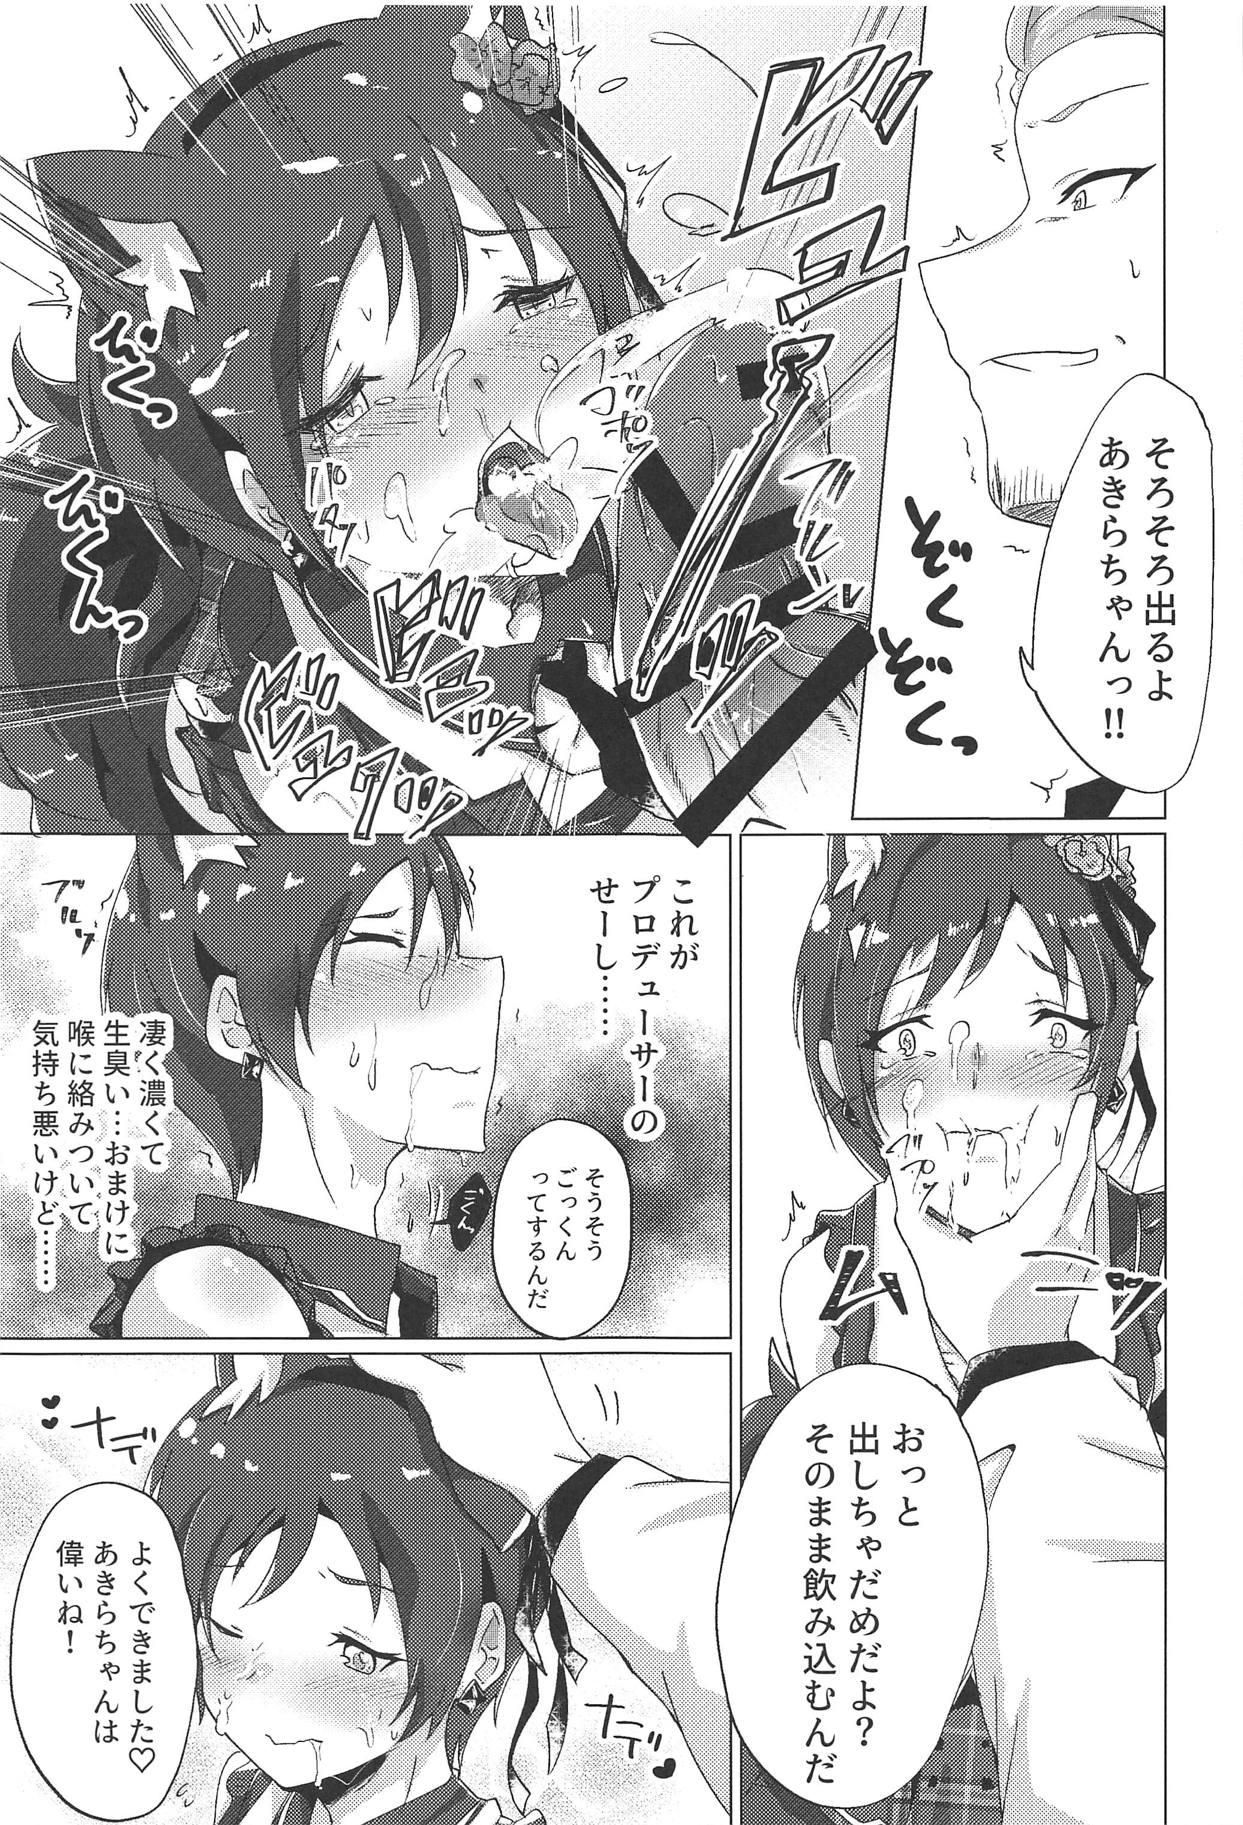 Shinjin Idol Debut Mae Lesson 7